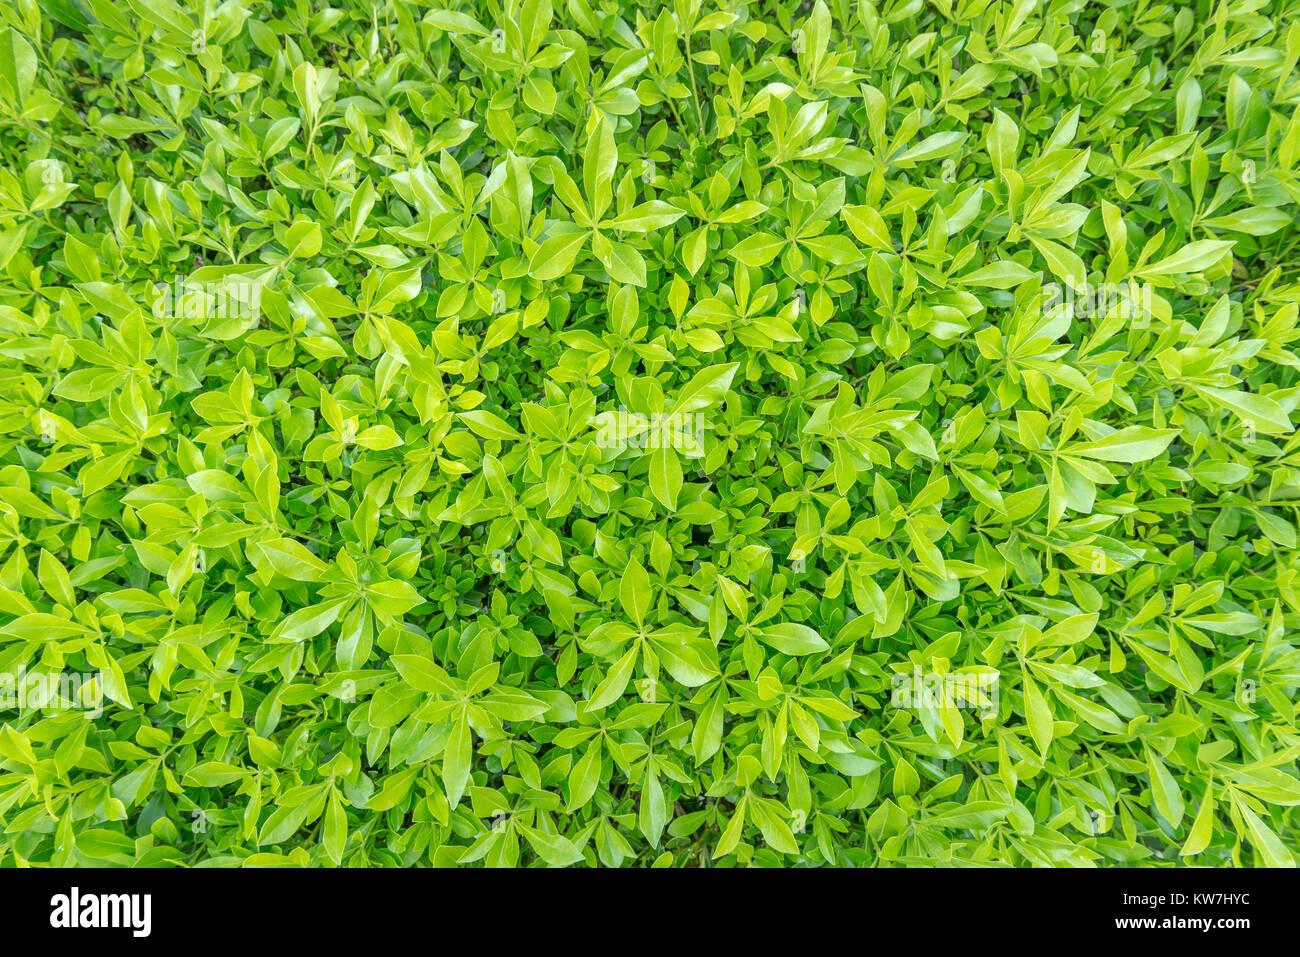 Imagen cercana de primavera frescos antecedentes la hierba verde. Imagen De Stock